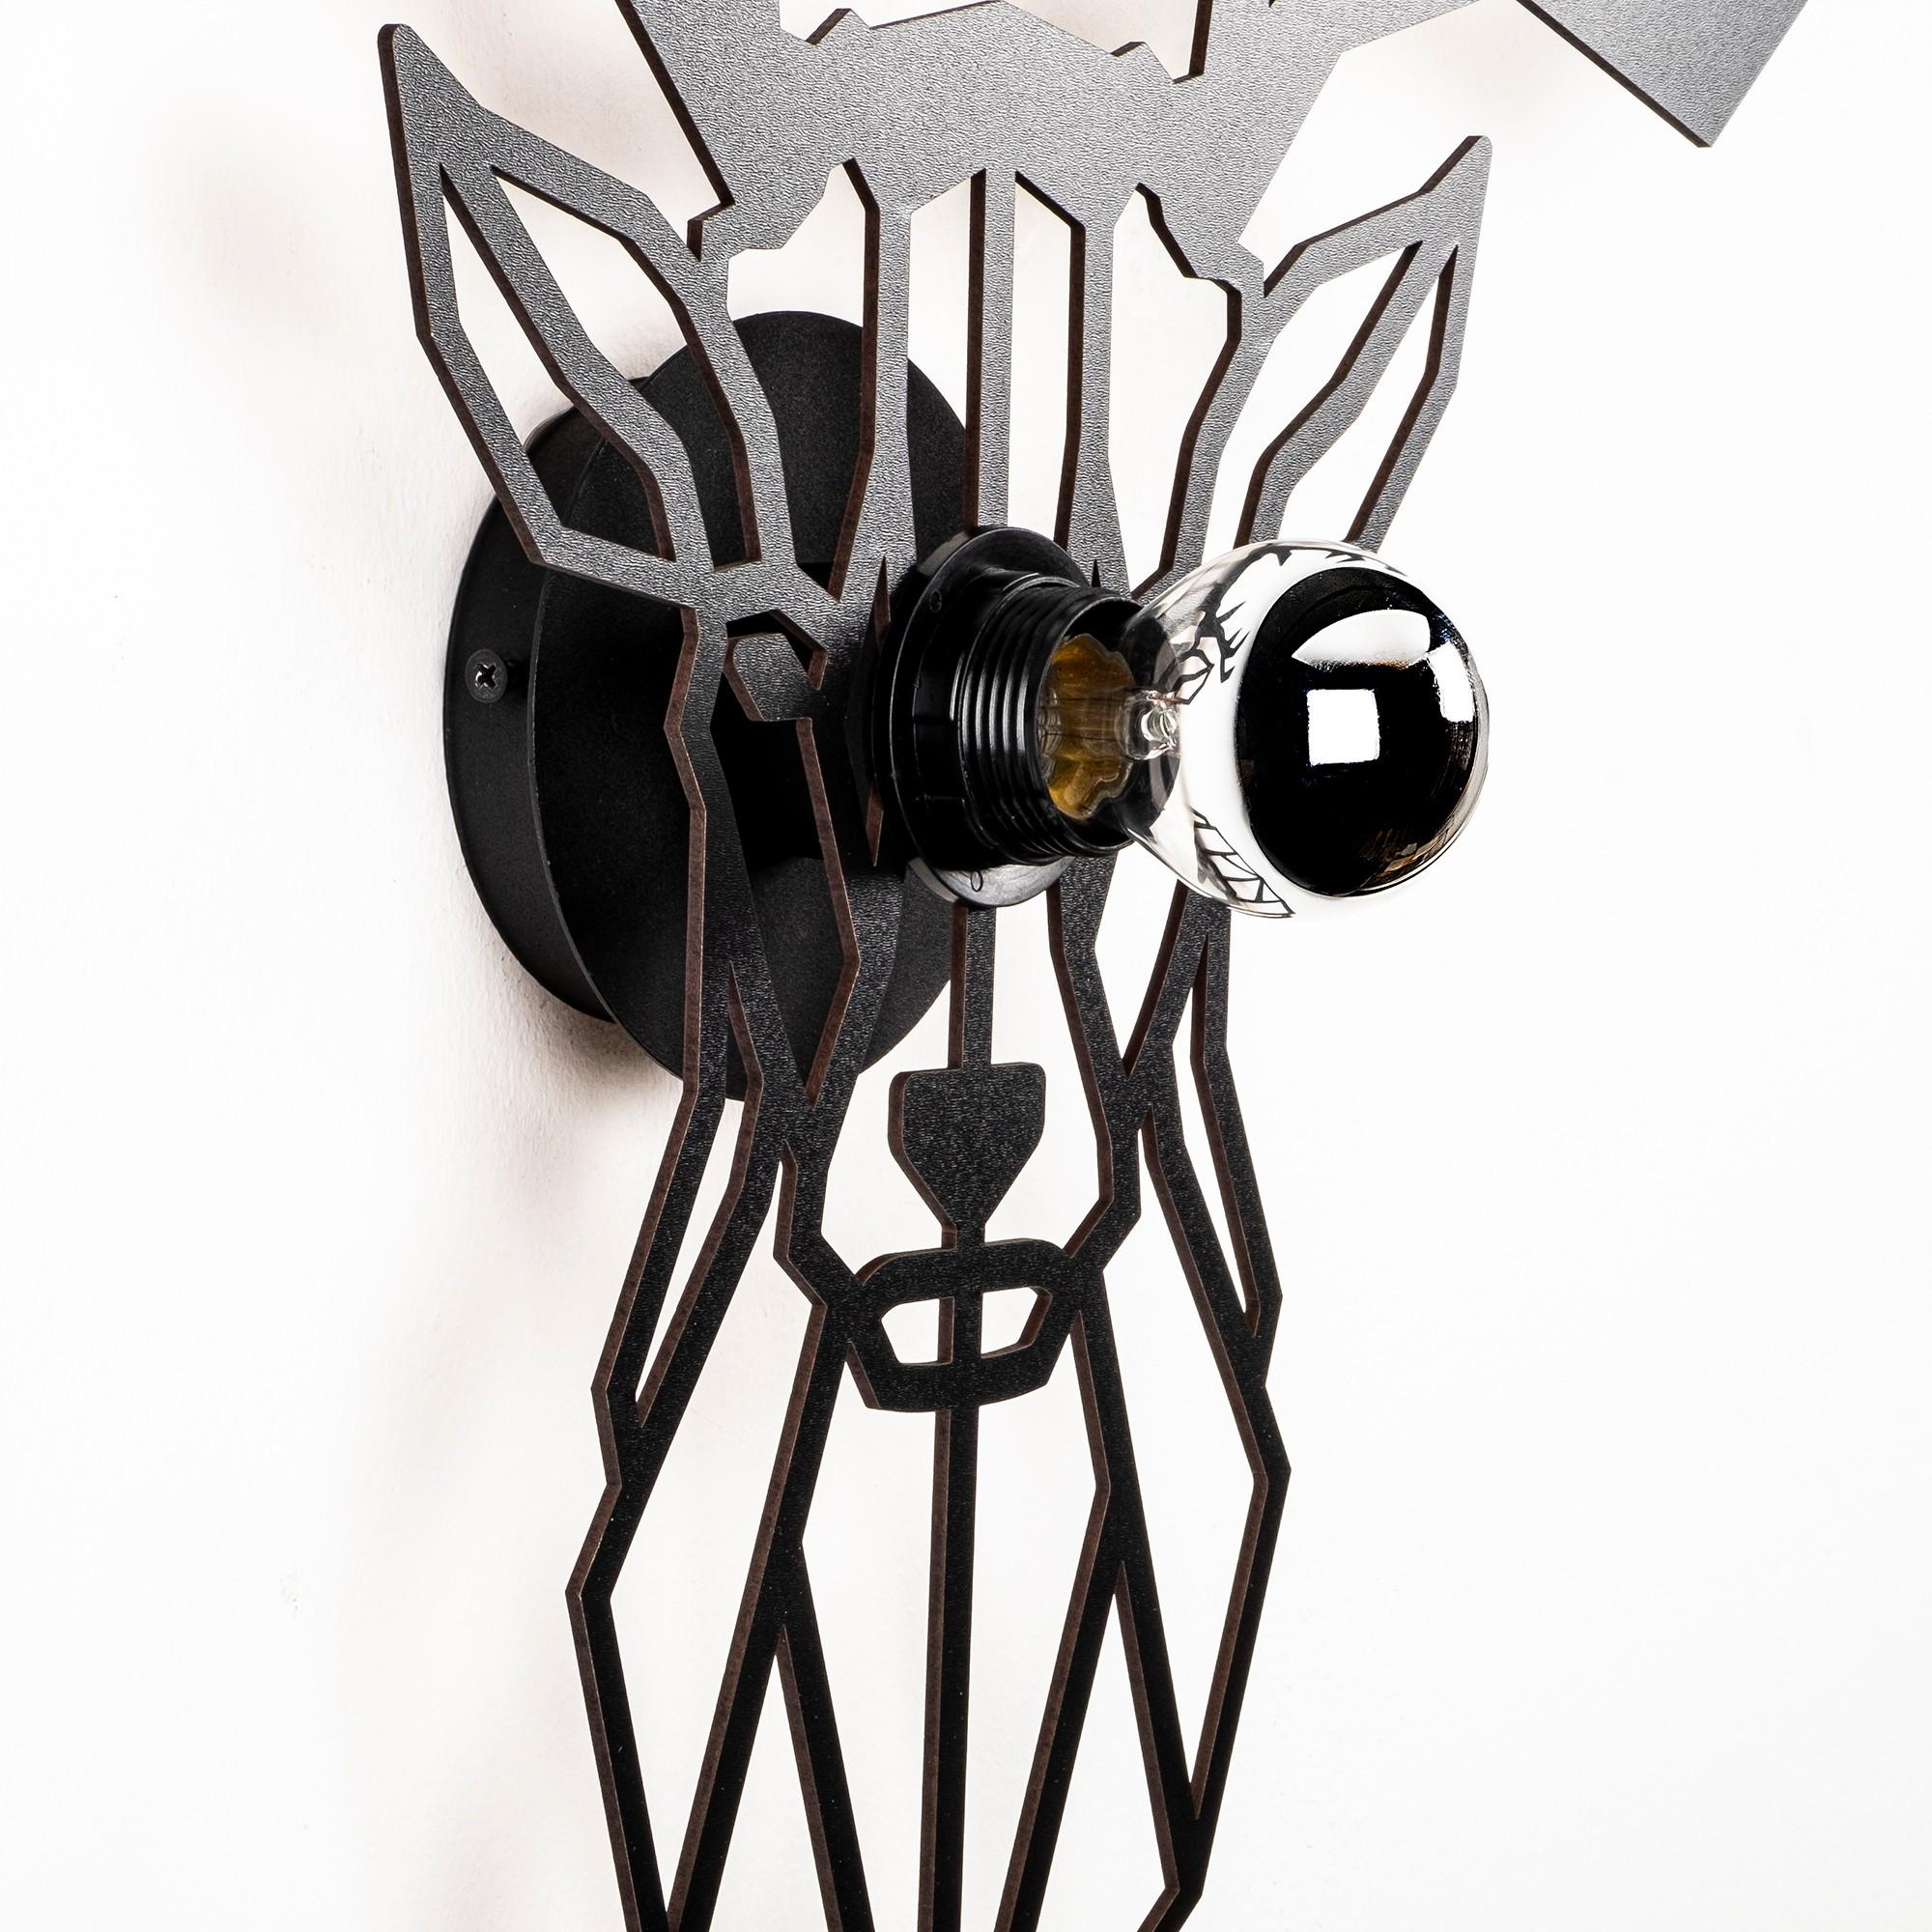 LED industriële wanddeco lamp dieren - Deer - dimbaar - E27 fitting - zijaanzicht